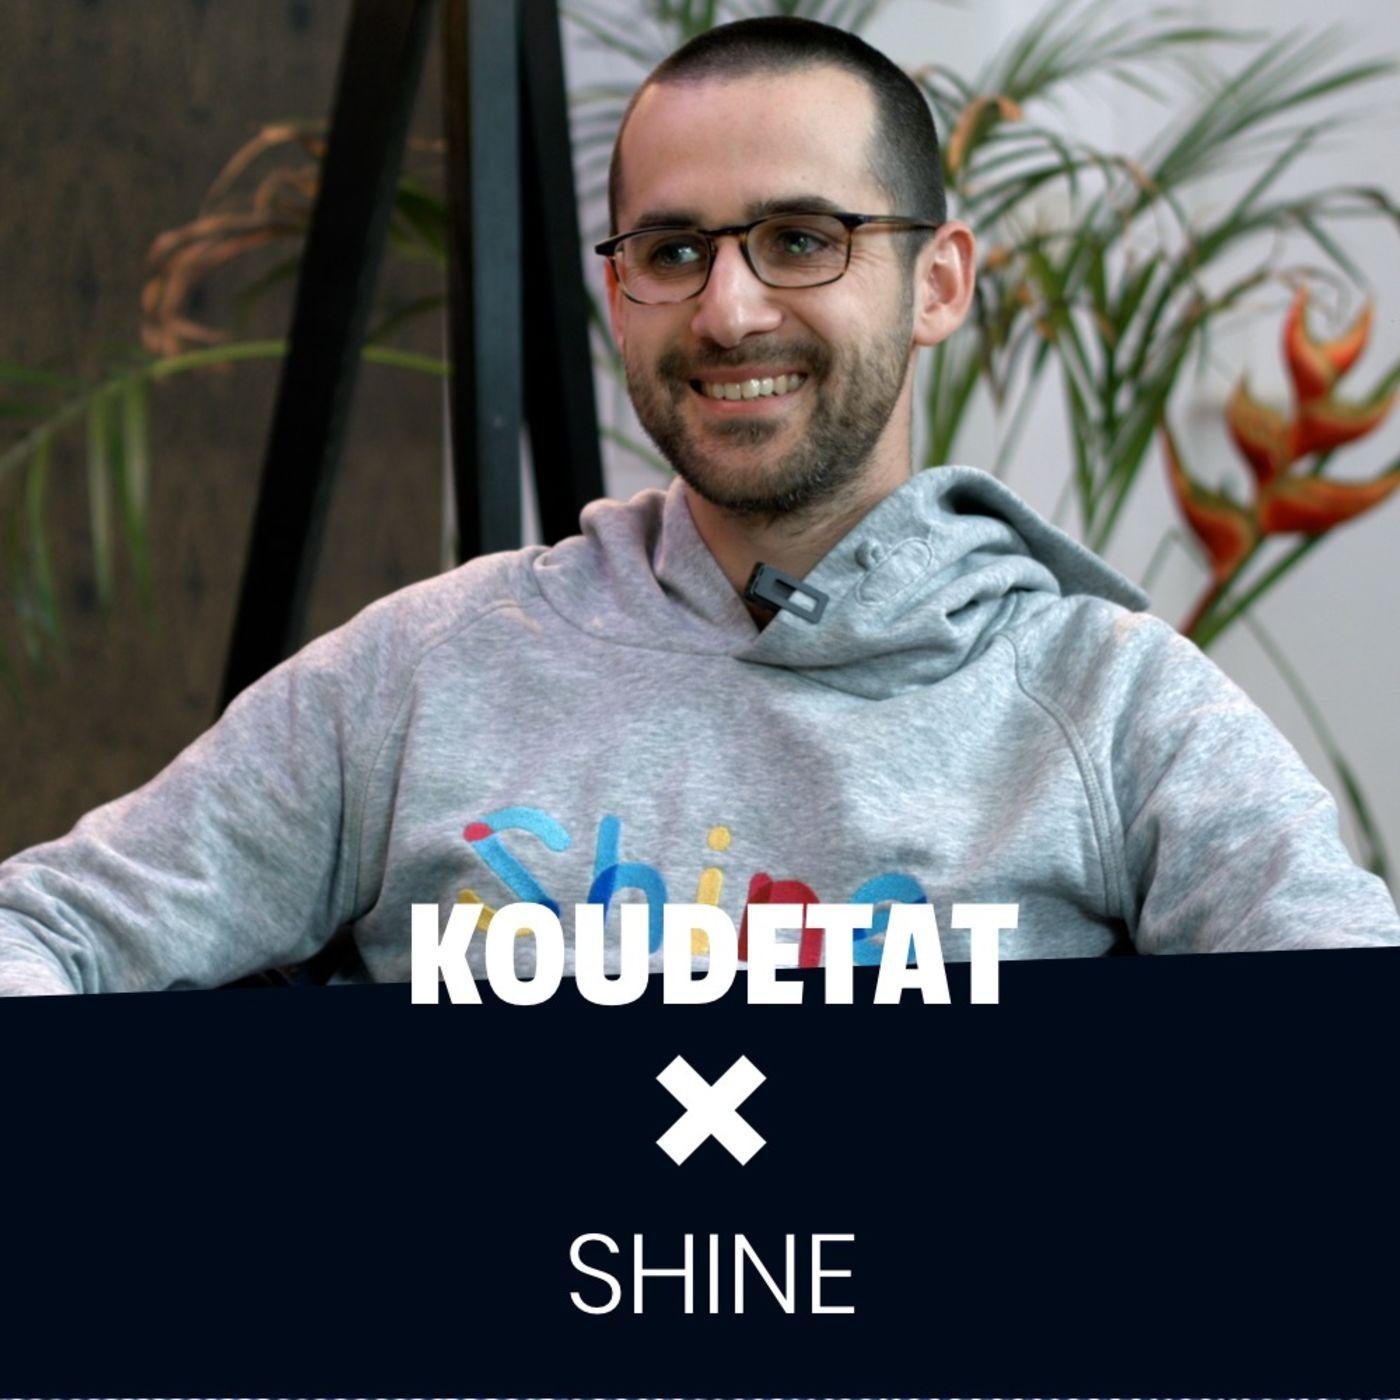 Règle un problème que personne d'autre n'a envie de régler I Koudetat x Shine